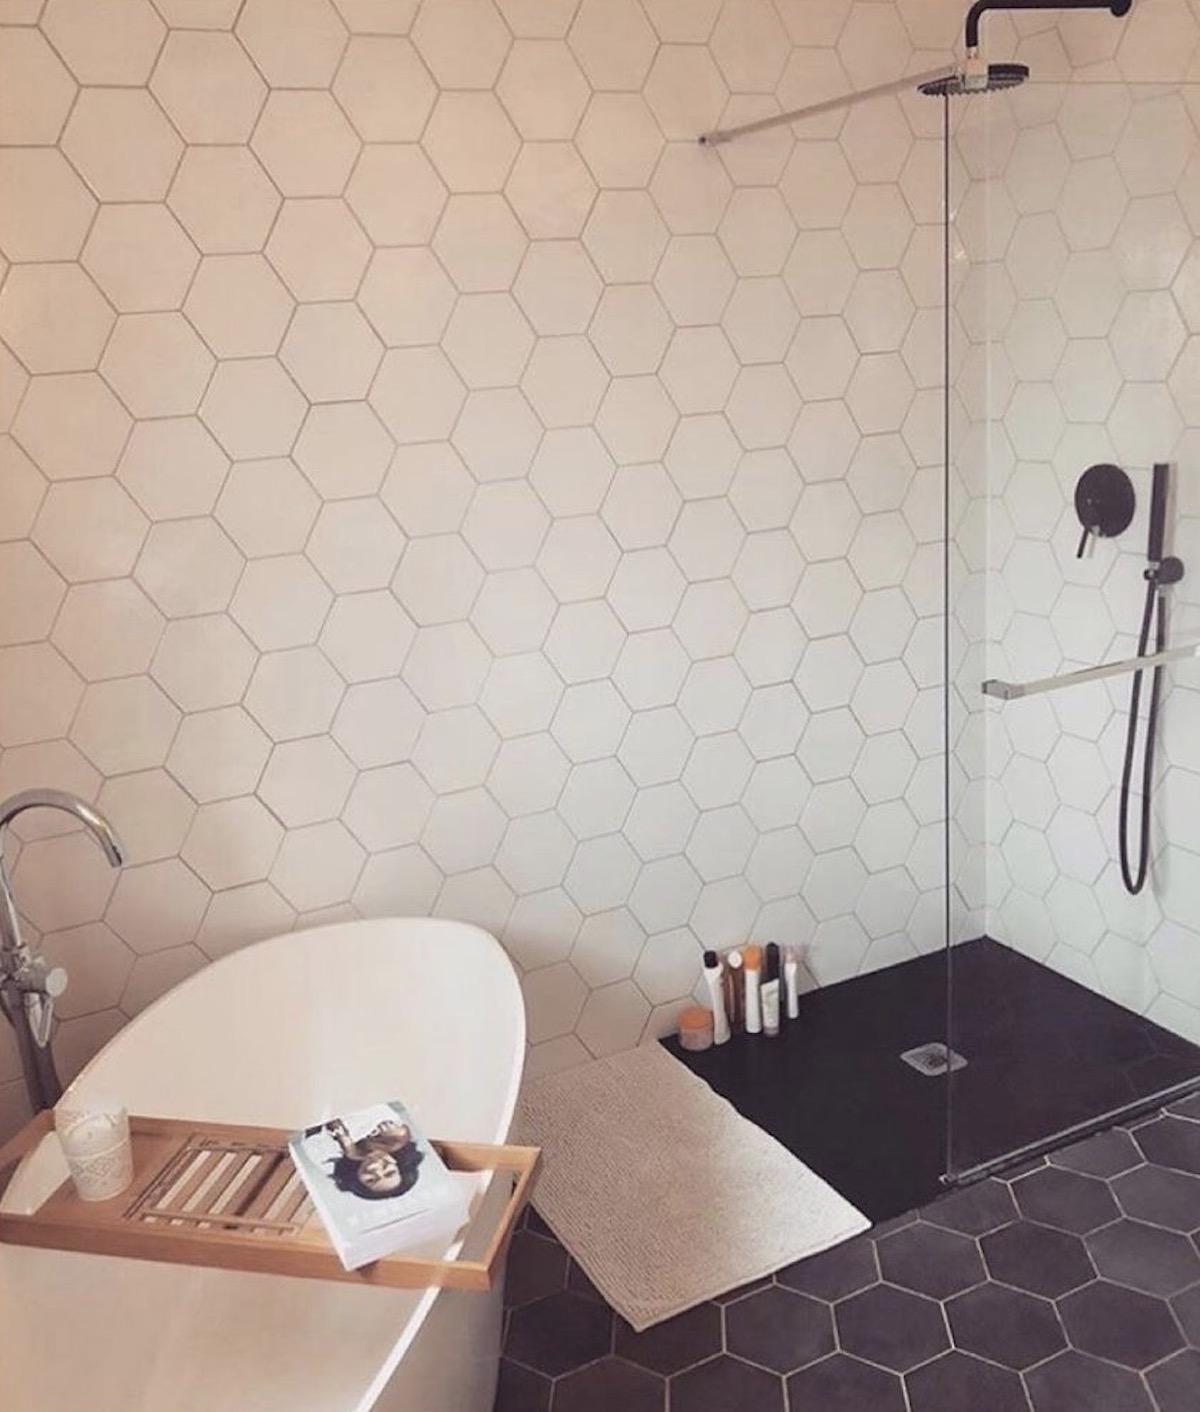 salle de bain design baignoire îlot douche italienne - blog déco - clematc